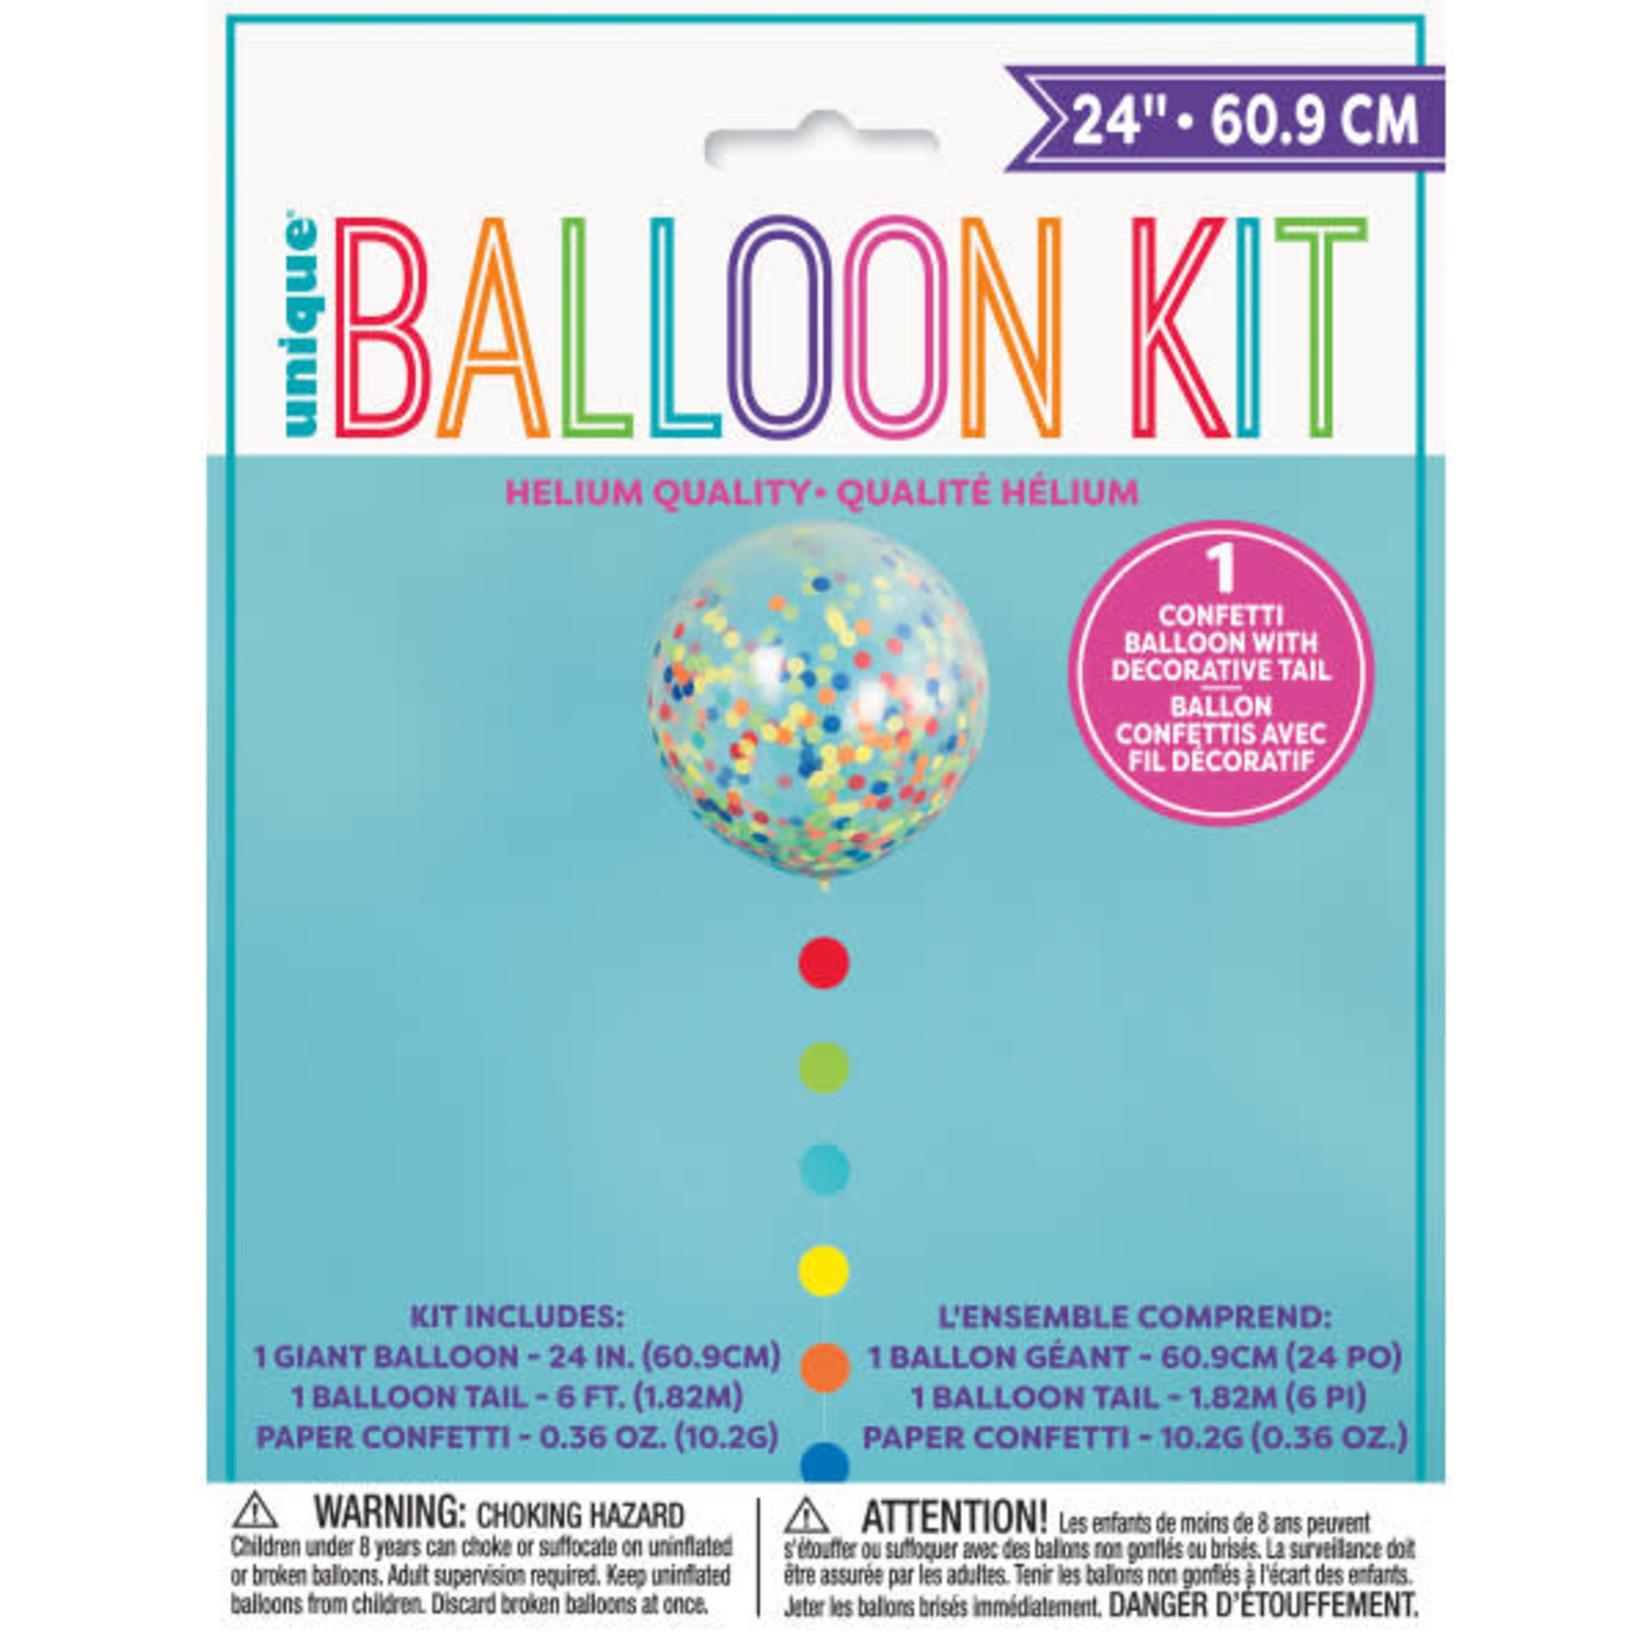 24'' CLEAR BALLOON KIT W/ CONFETTI AND TASSLE